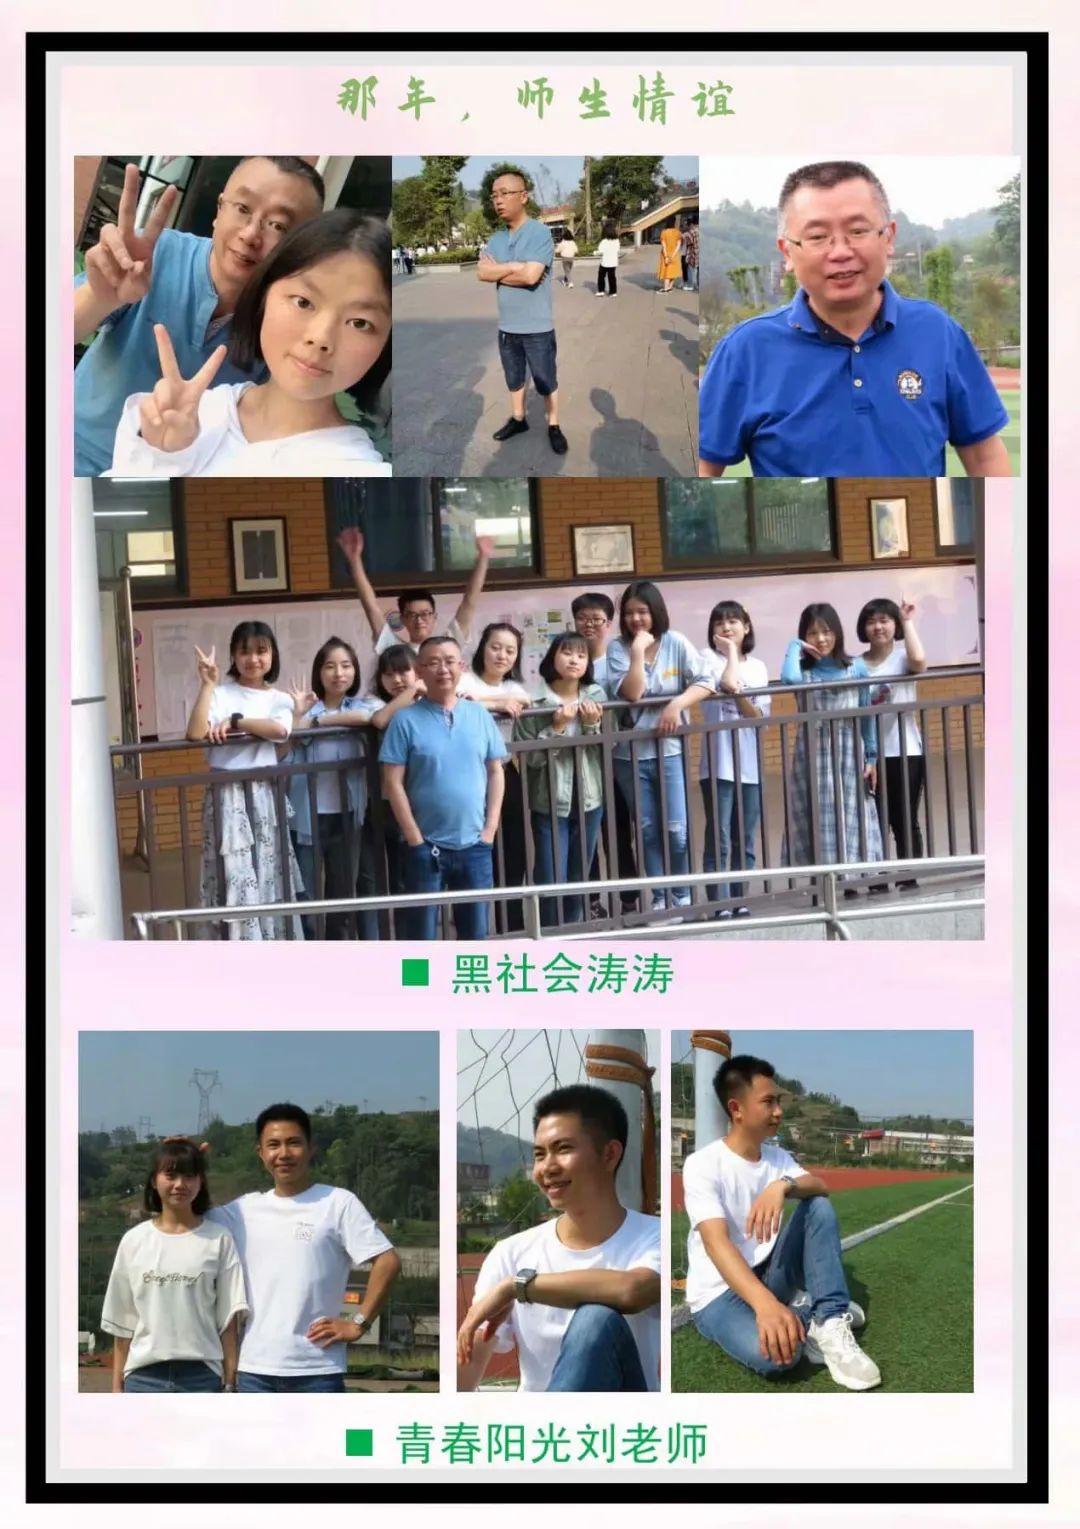 再见,云涛之家—叙永三中17级10班毕业纪念 叙永三中 第14张